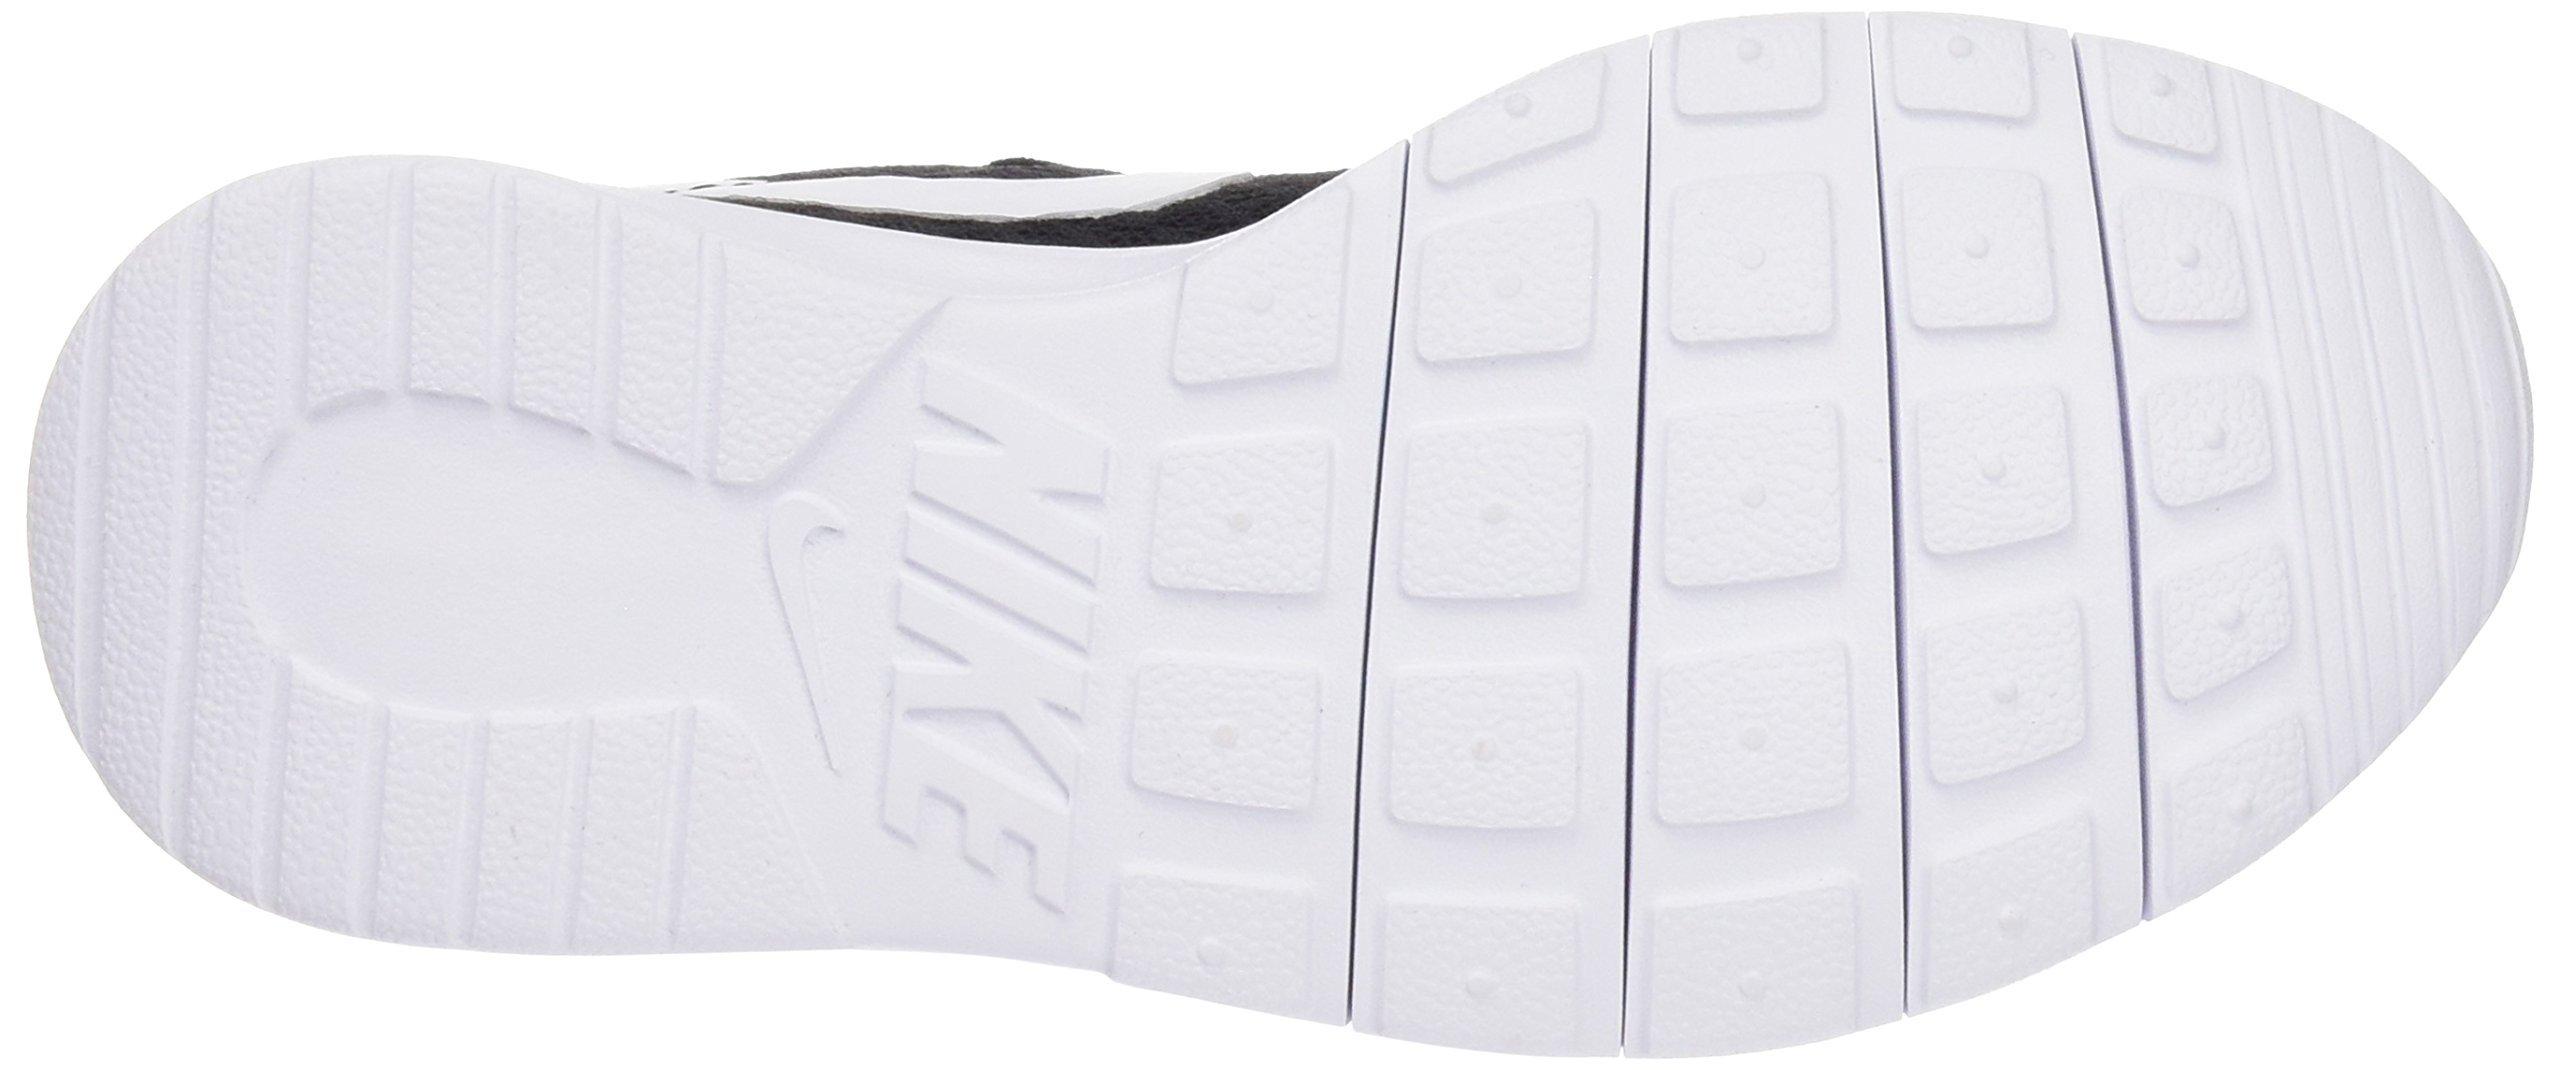 Nike Boy's Tanjun Running Sneaker Black/White-White 13 by Nike (Image #5)